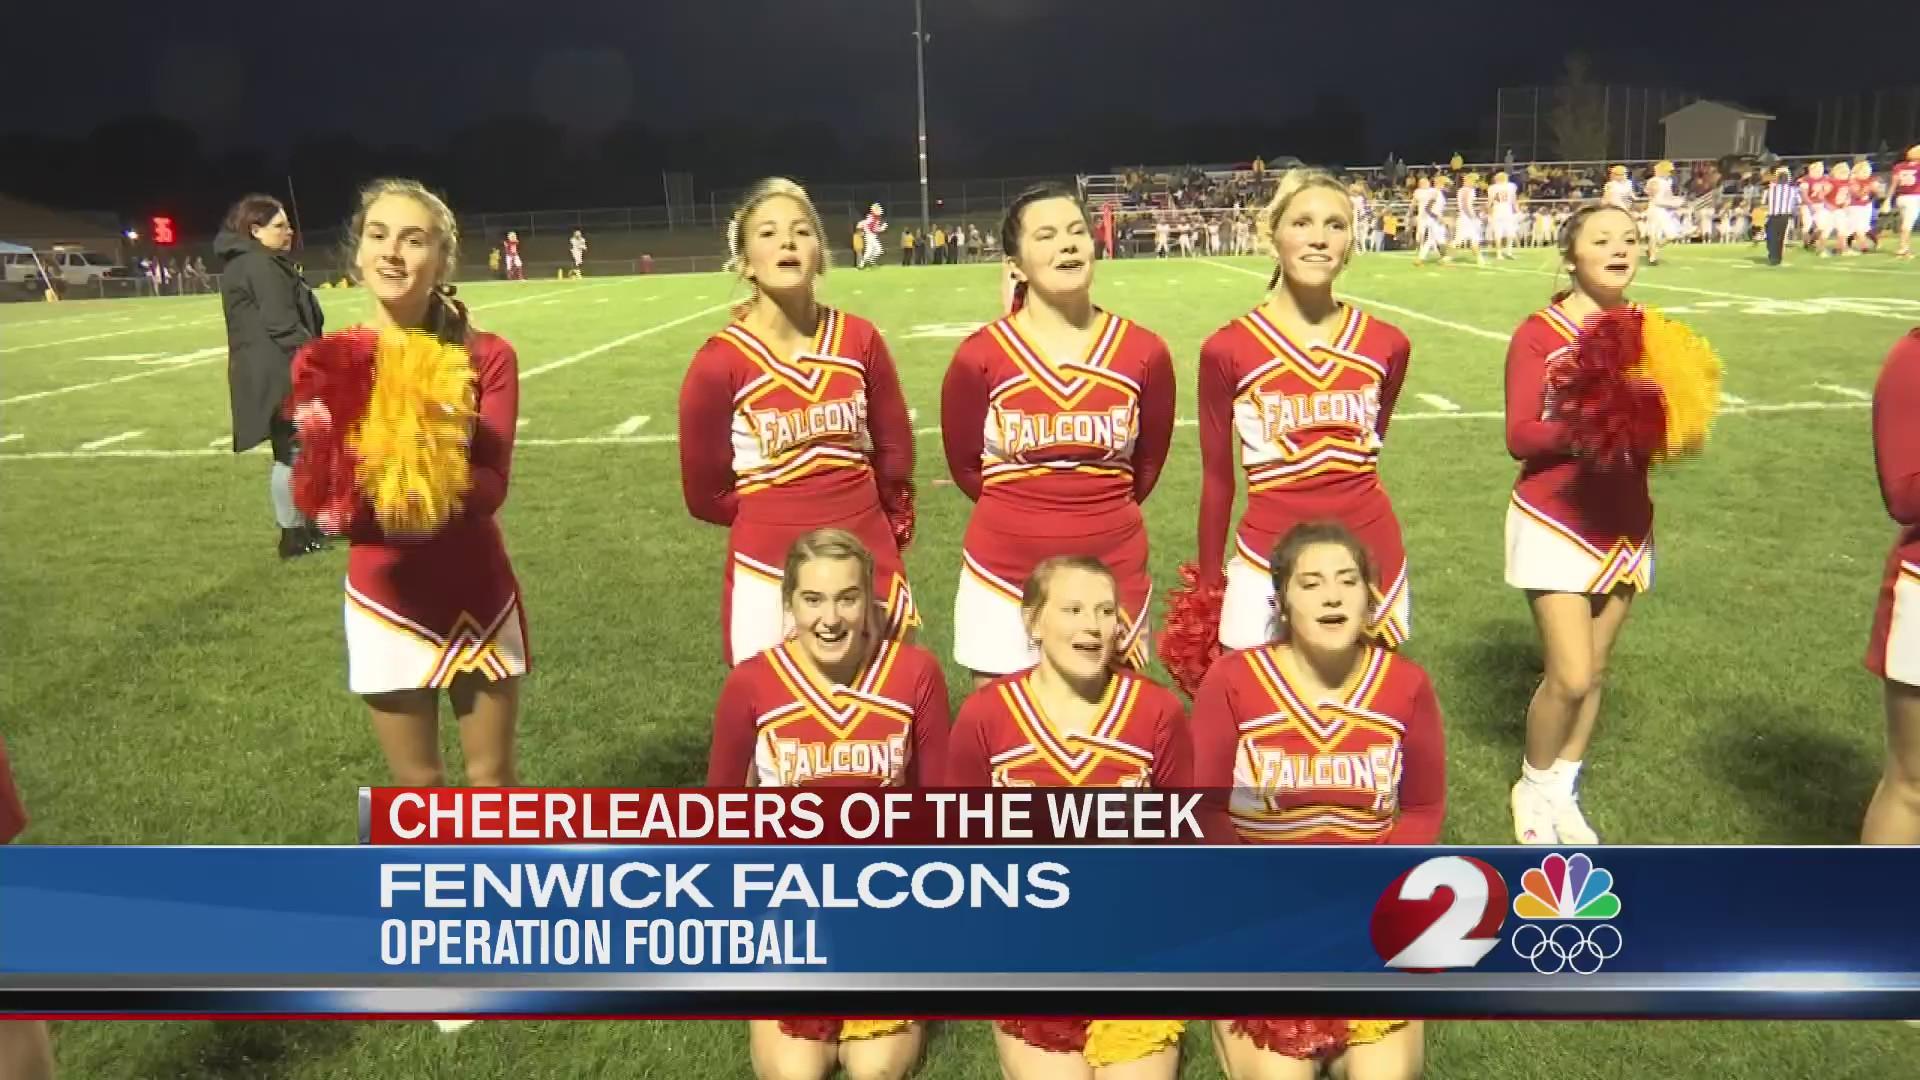 Fenwick Falcons Cheerleaders of the Week